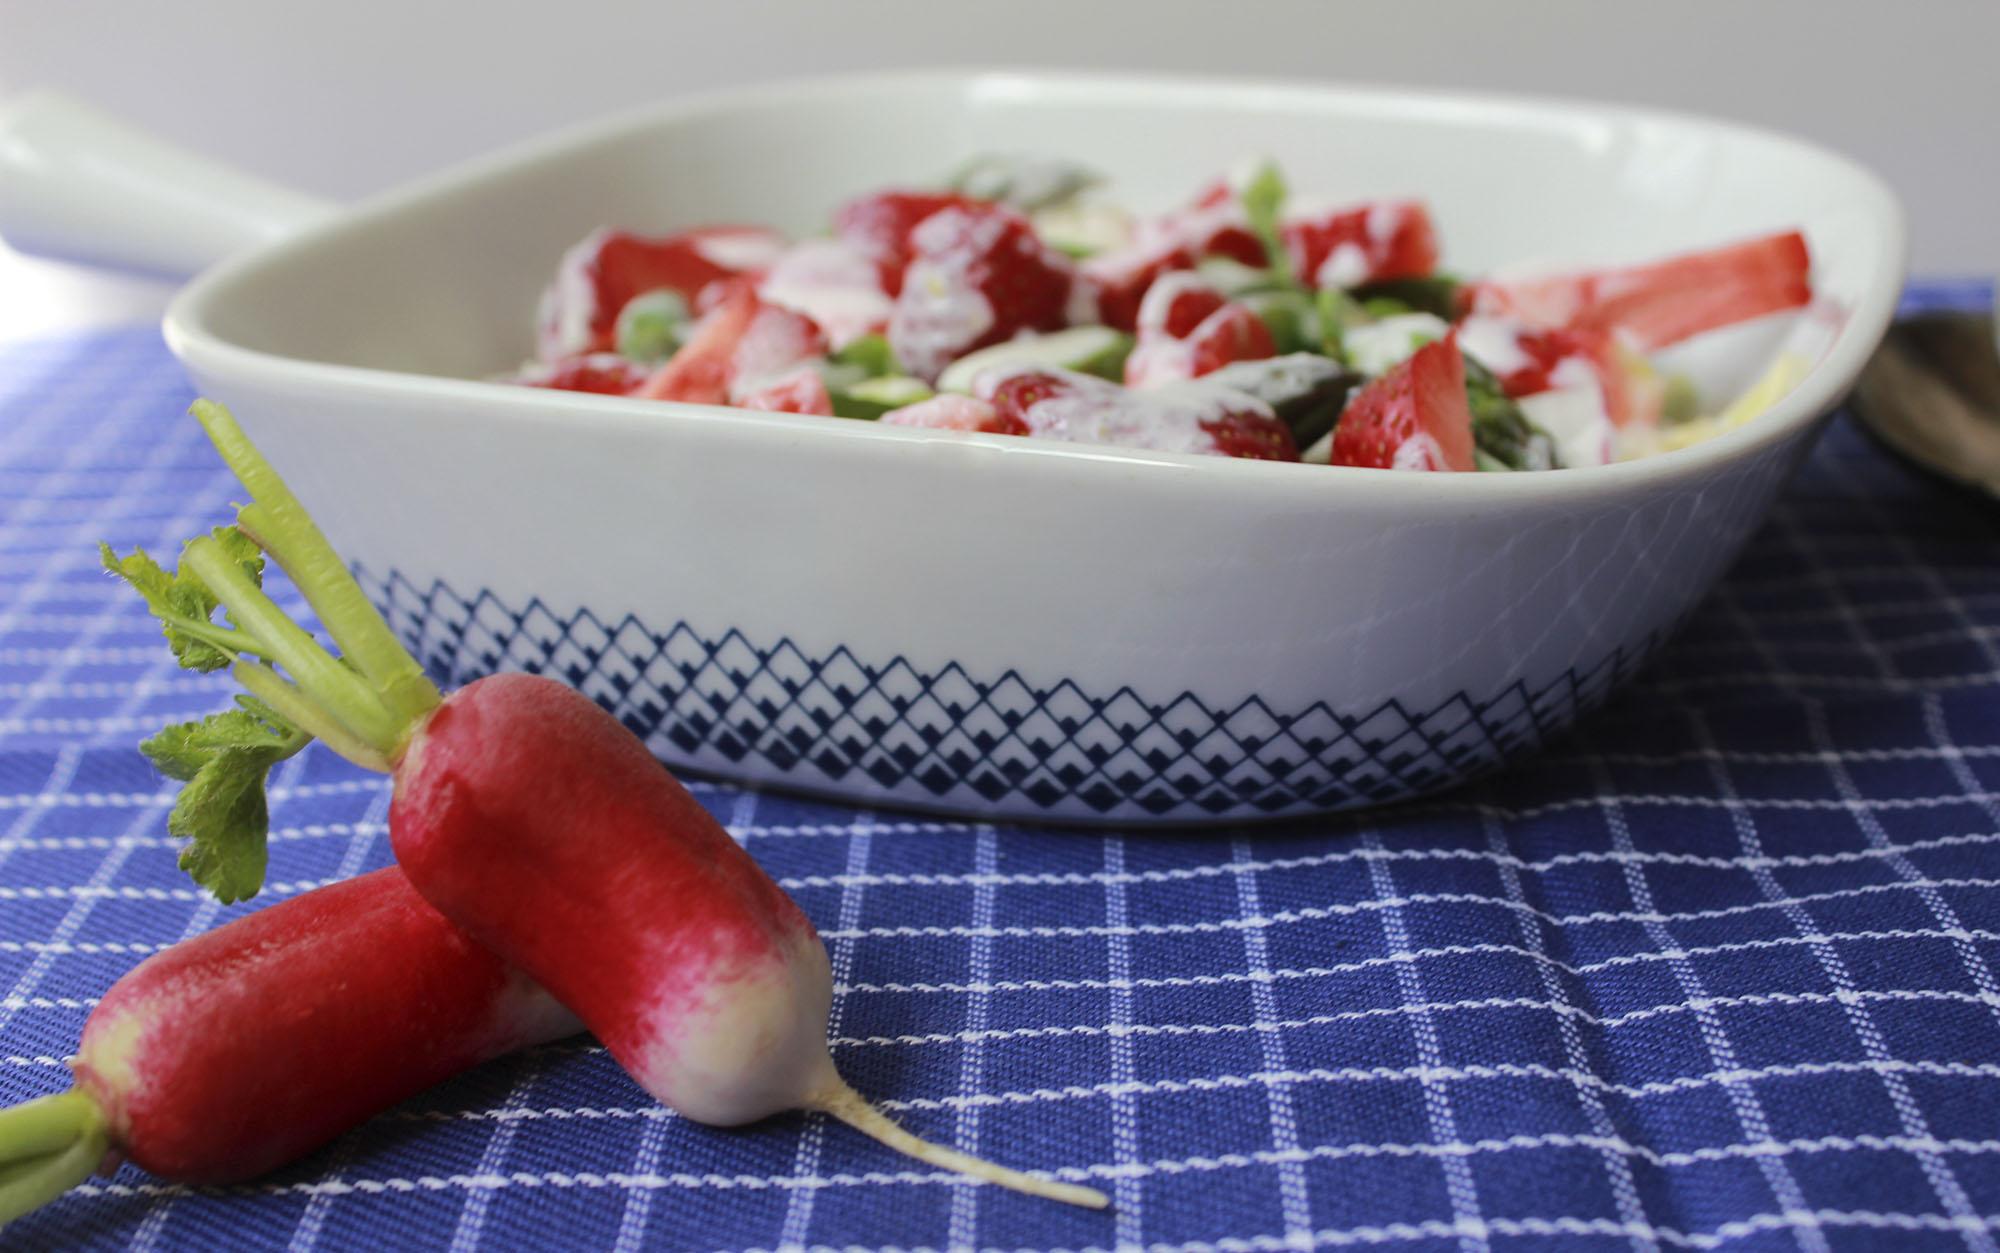 Dansk sommer i salatskålen